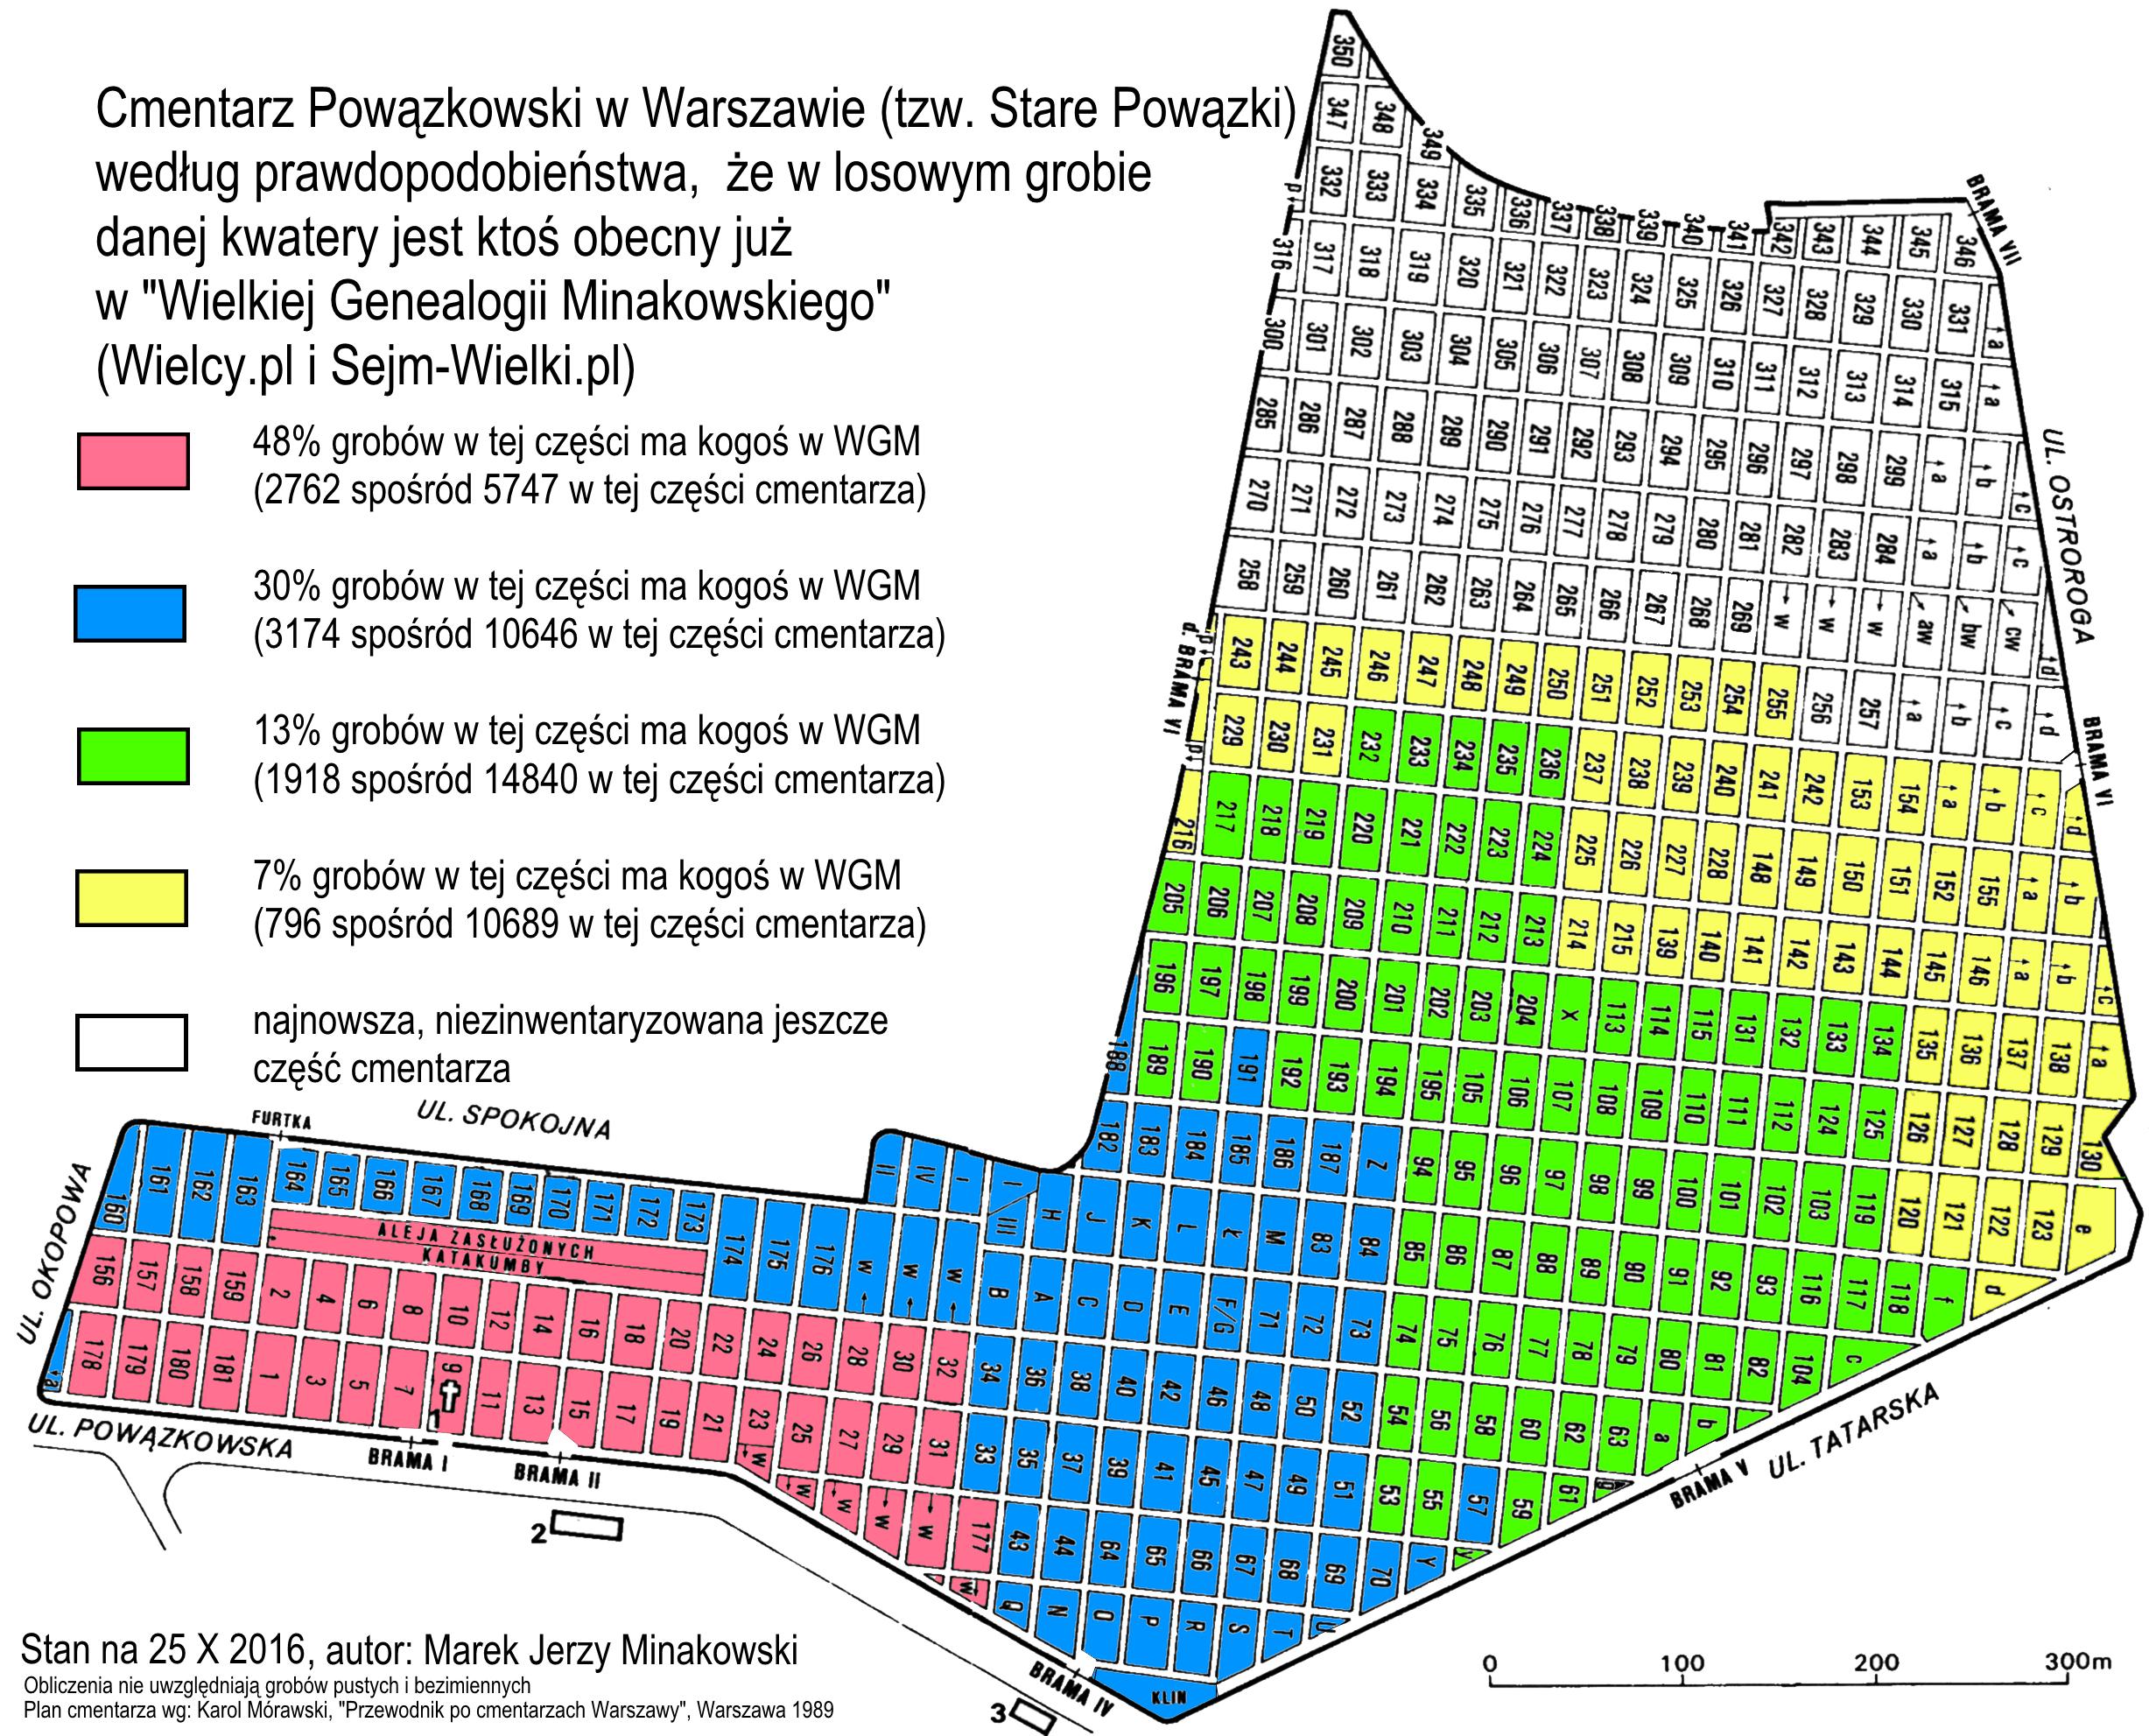 Stan opracowania cm. Powązkowskiego (X 2016)